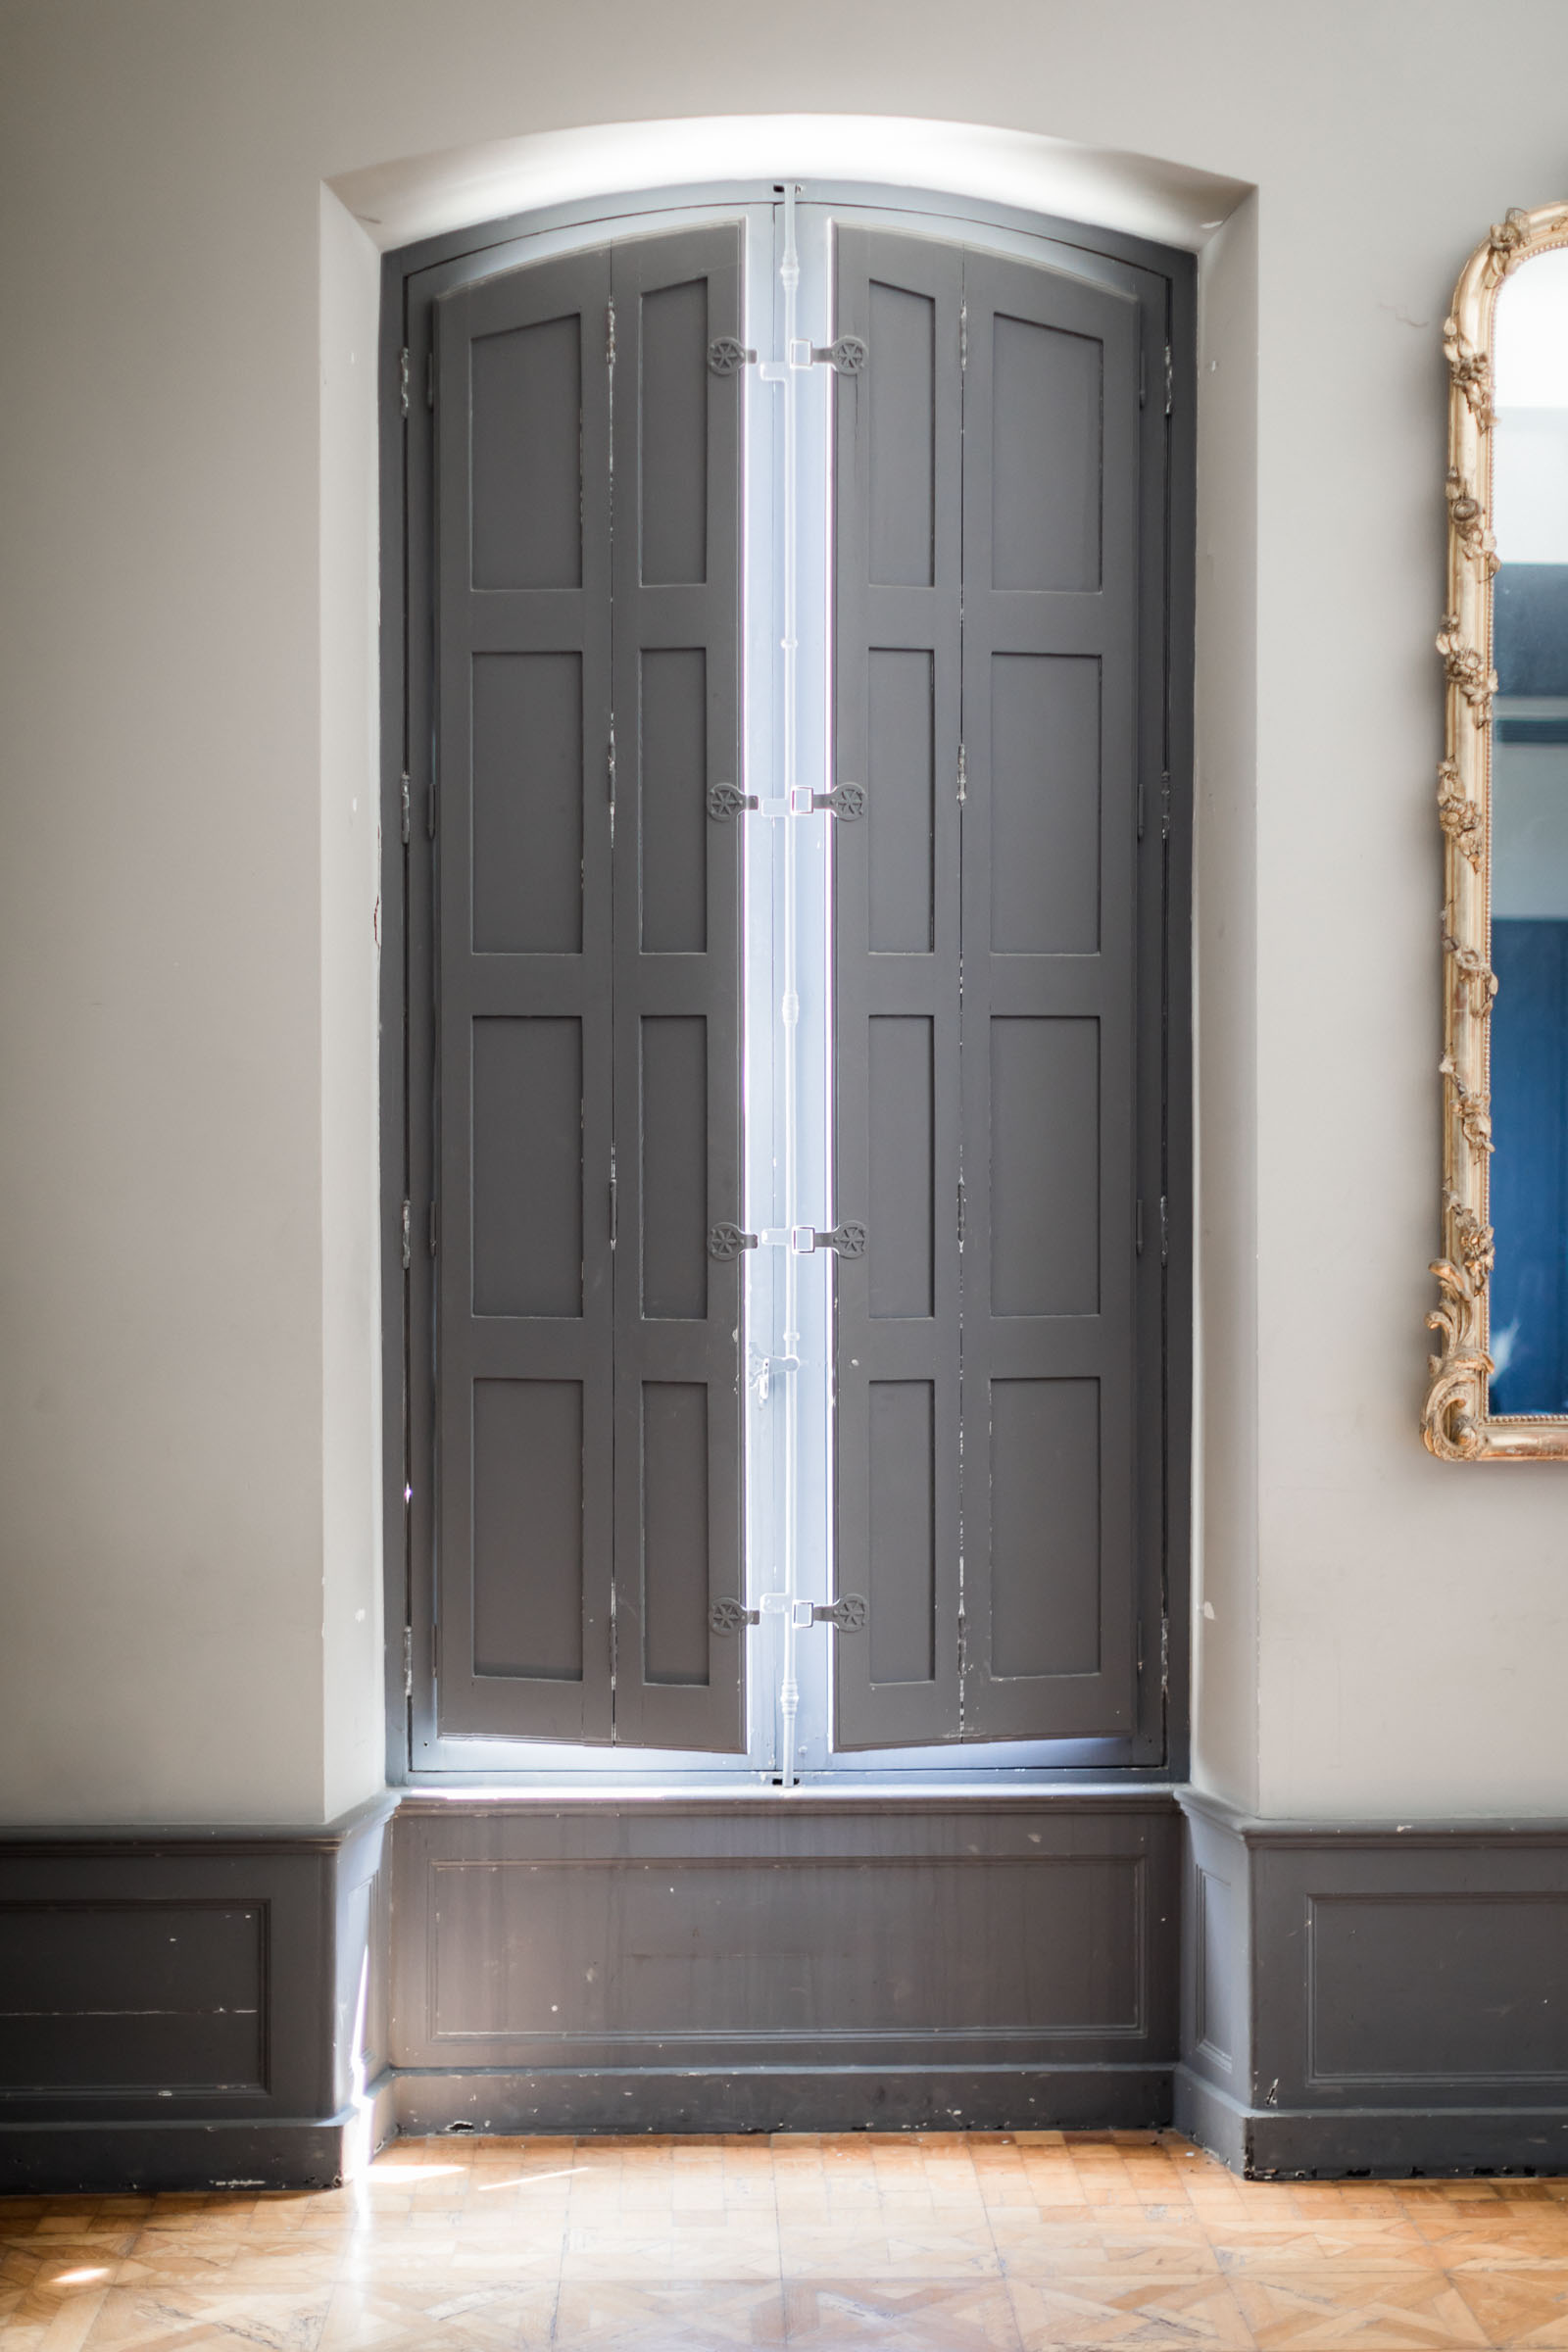 Photographie de Mathieu Dété présentant les détails d'une fenêtre de la Villa Brignac